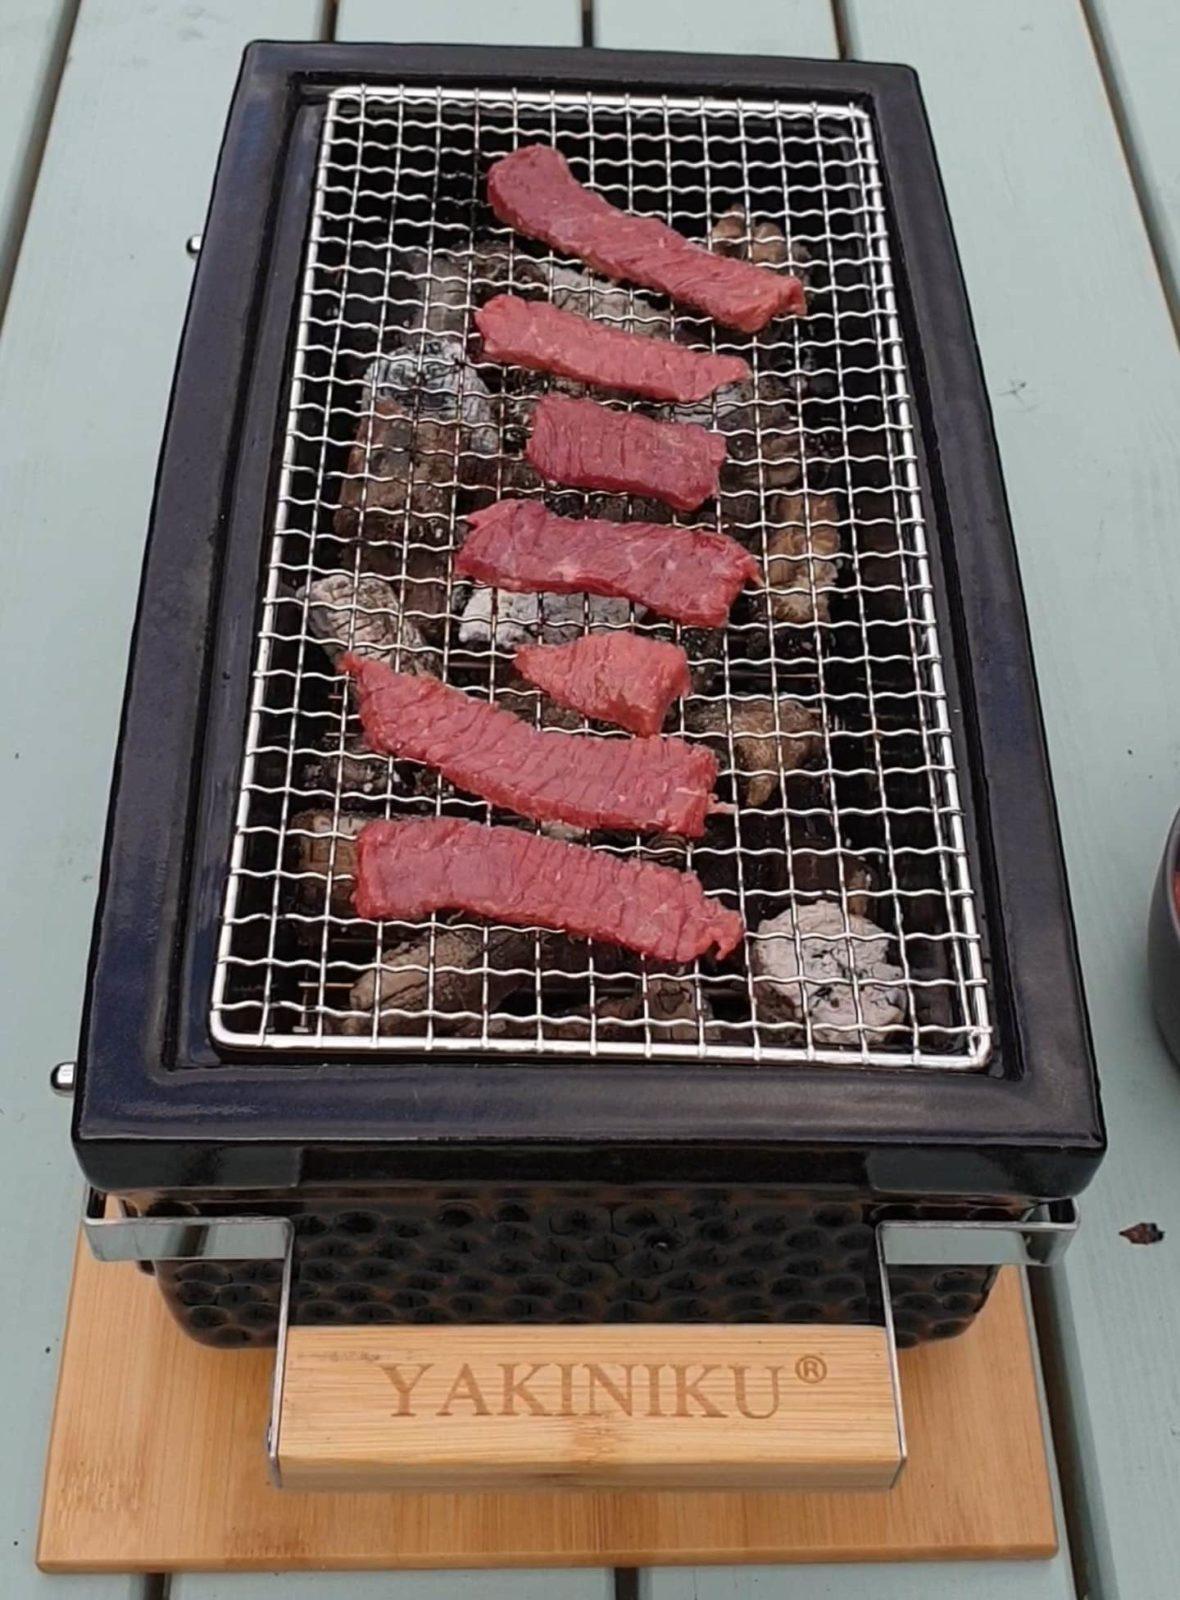 Yakiniku tafelbarbecue